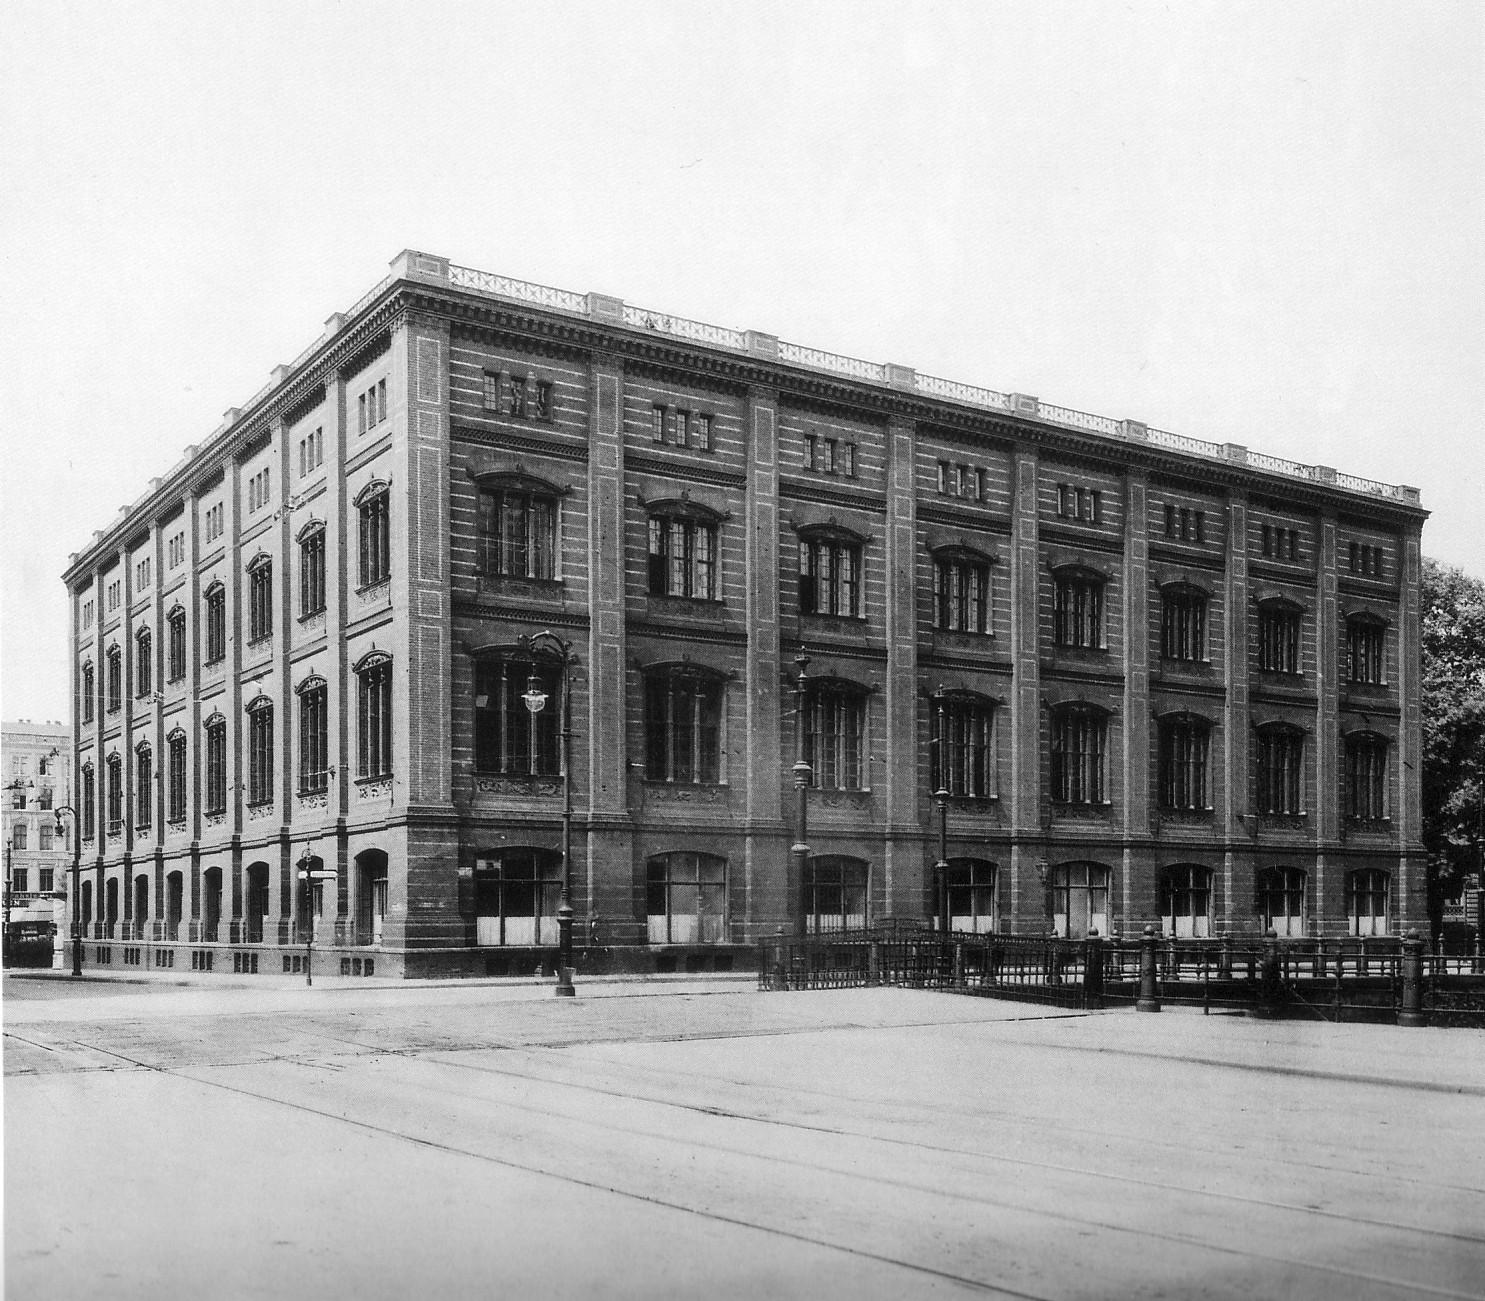 Acad mie d 39 architecture de berlin - Academie d architecture ...